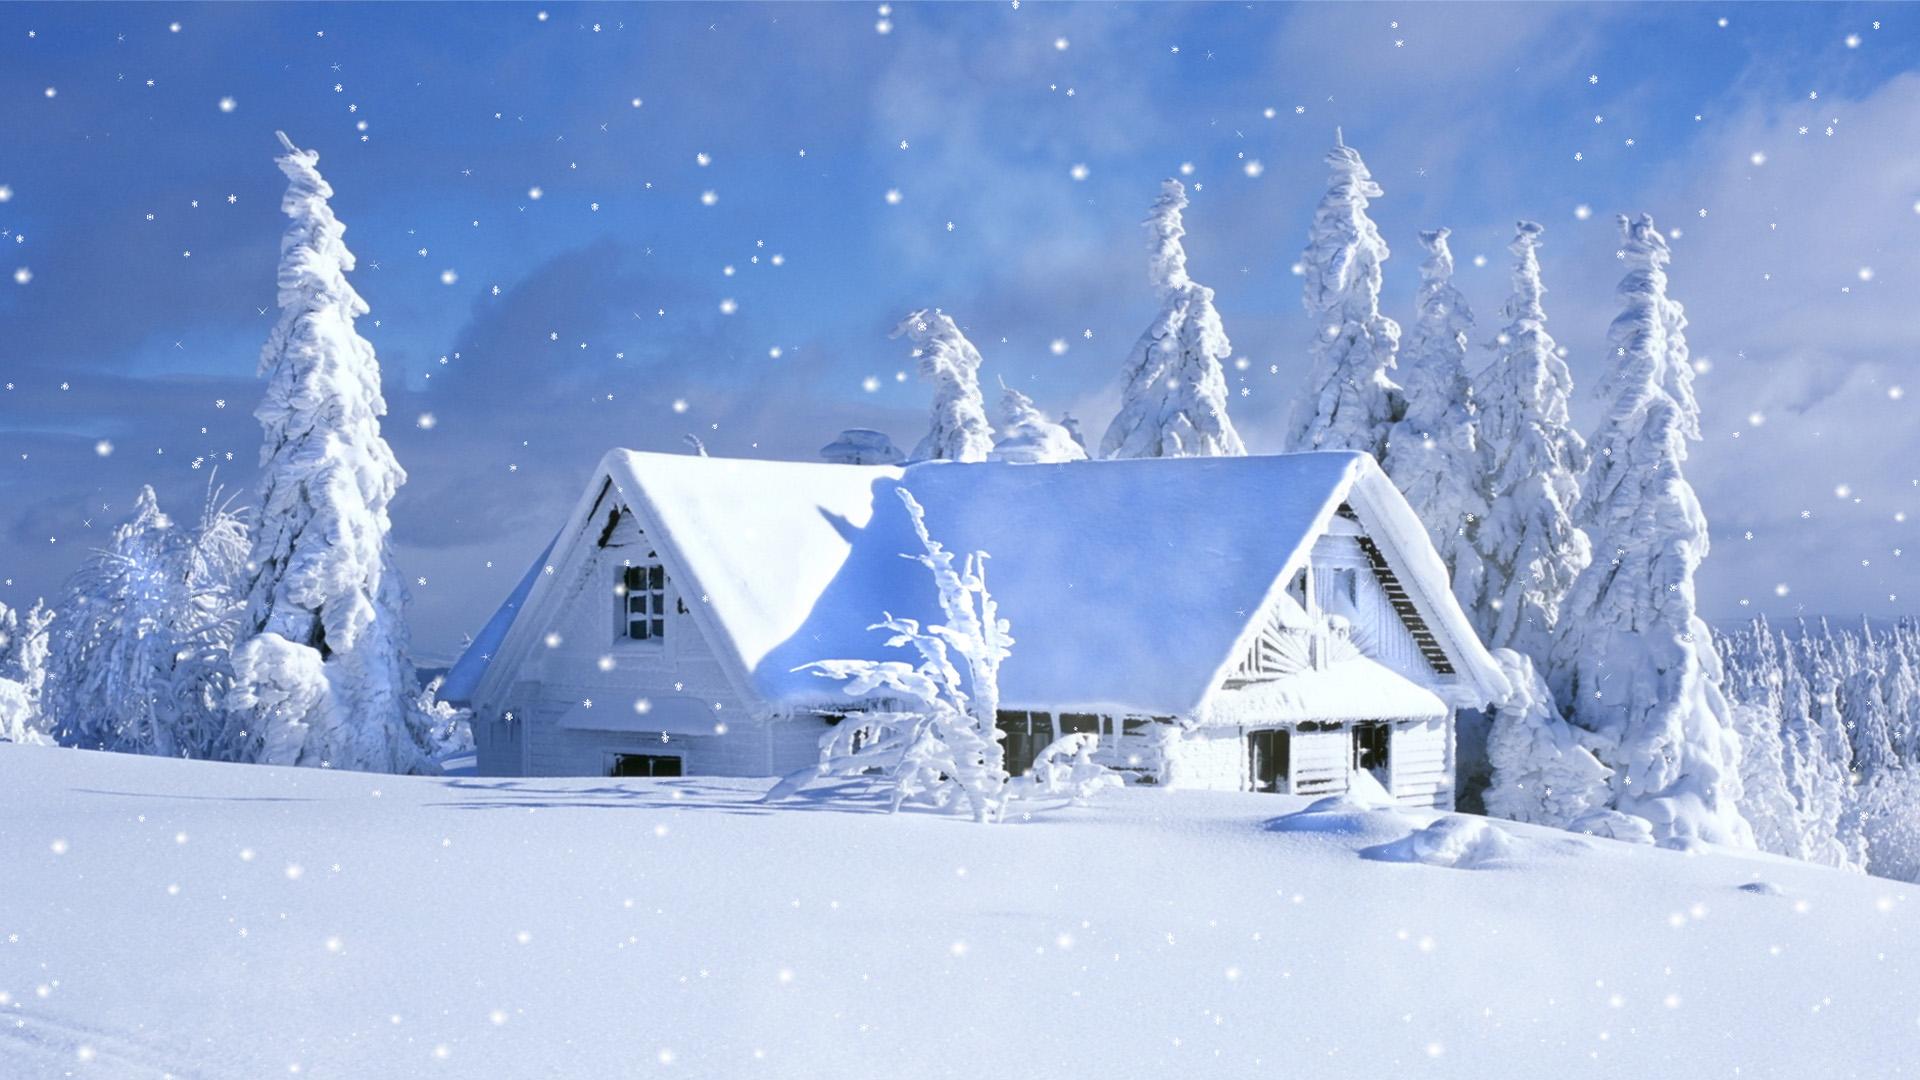 snowfall fantasy free snowfall